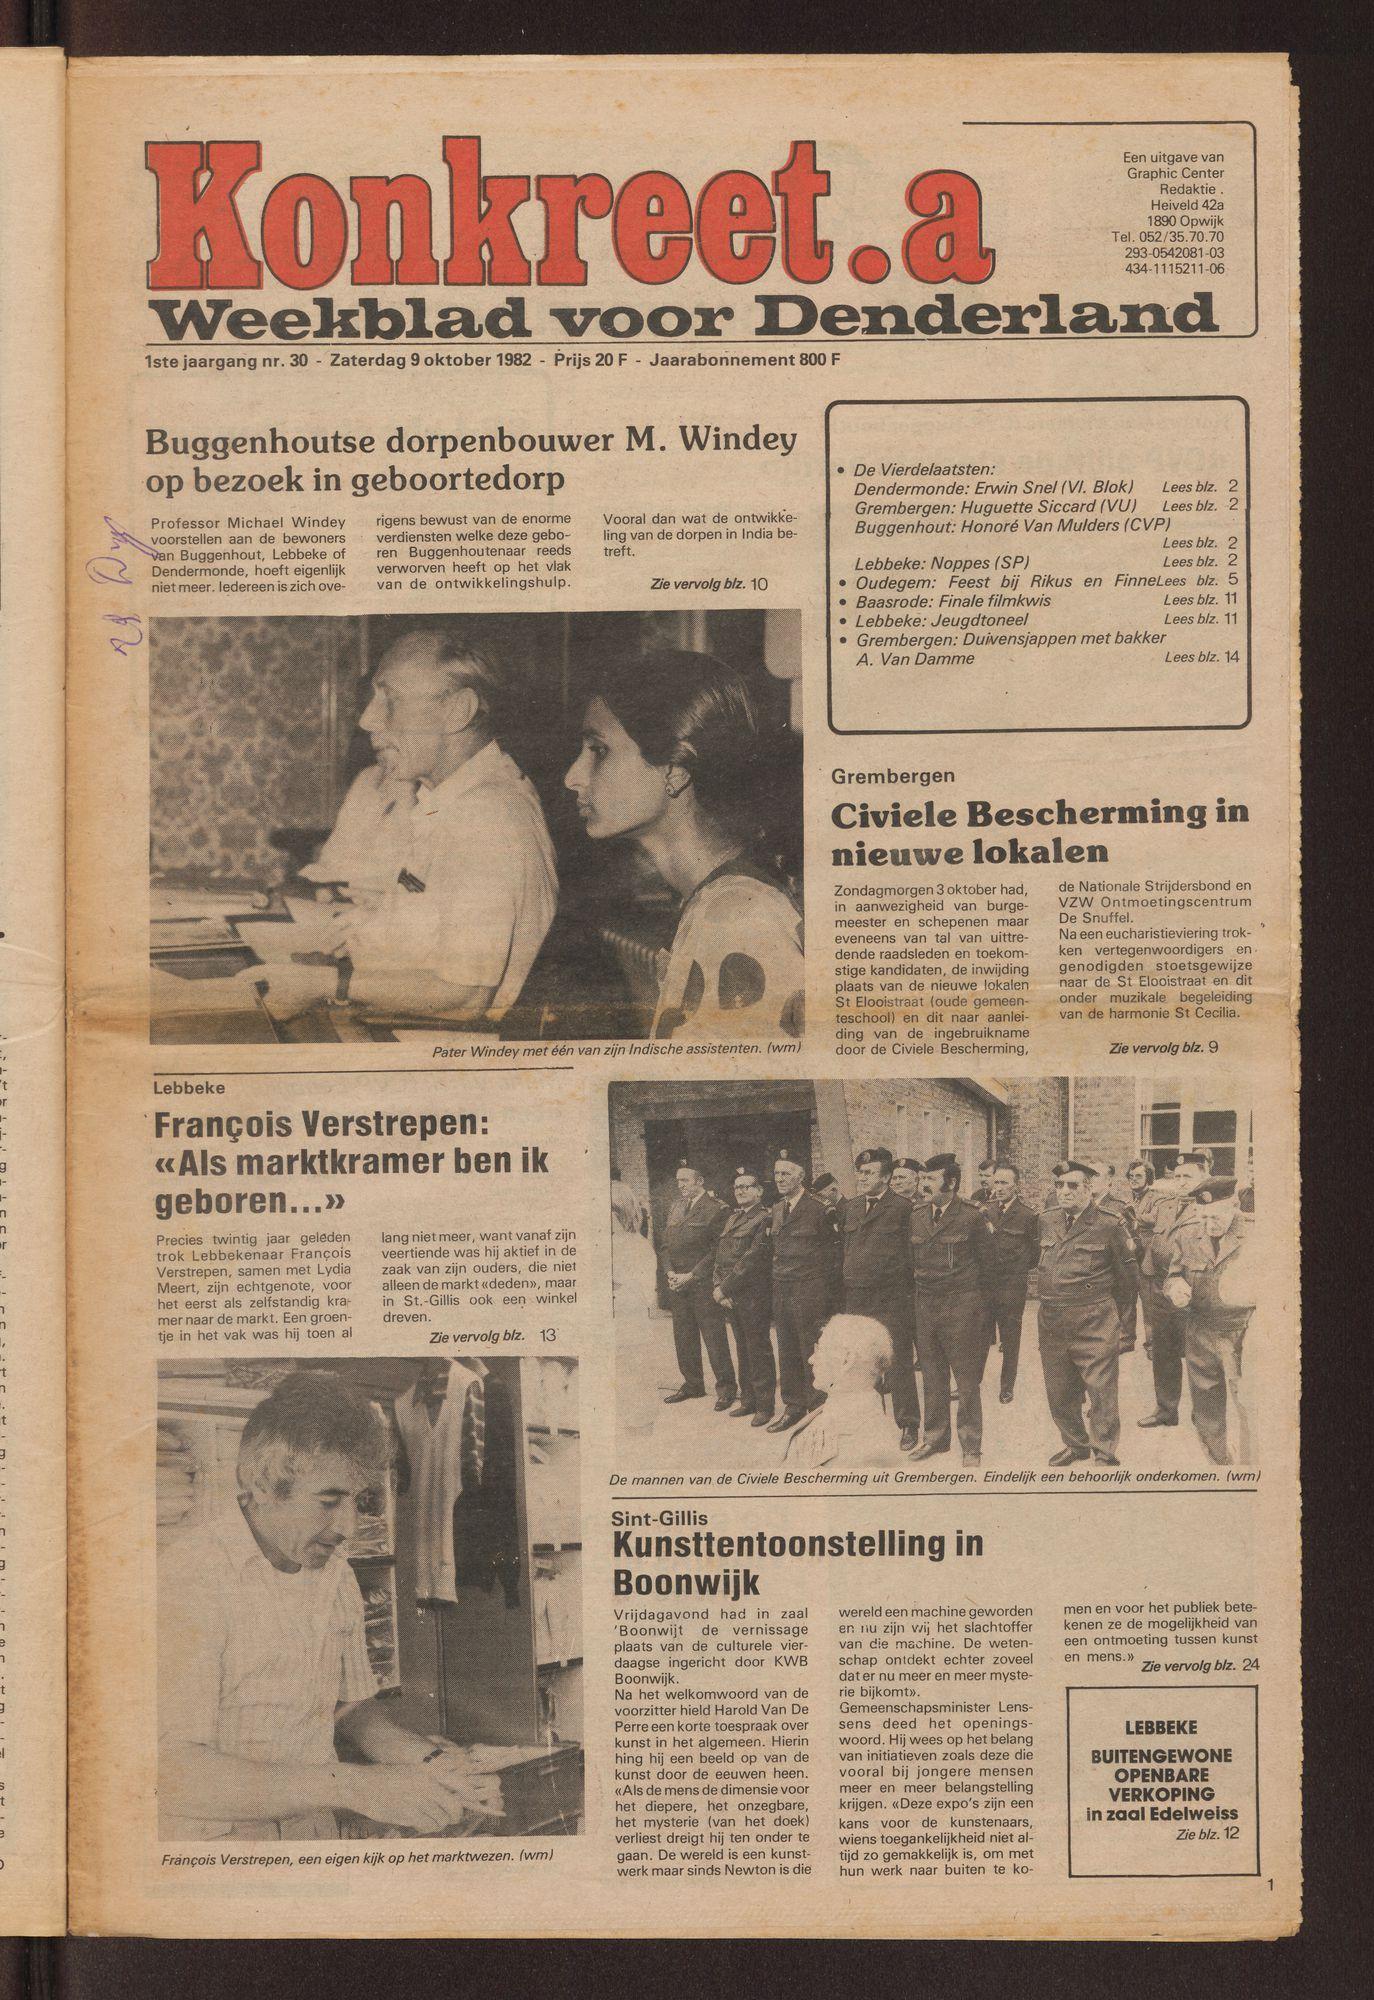 KONKREET 1982-10-09 p1